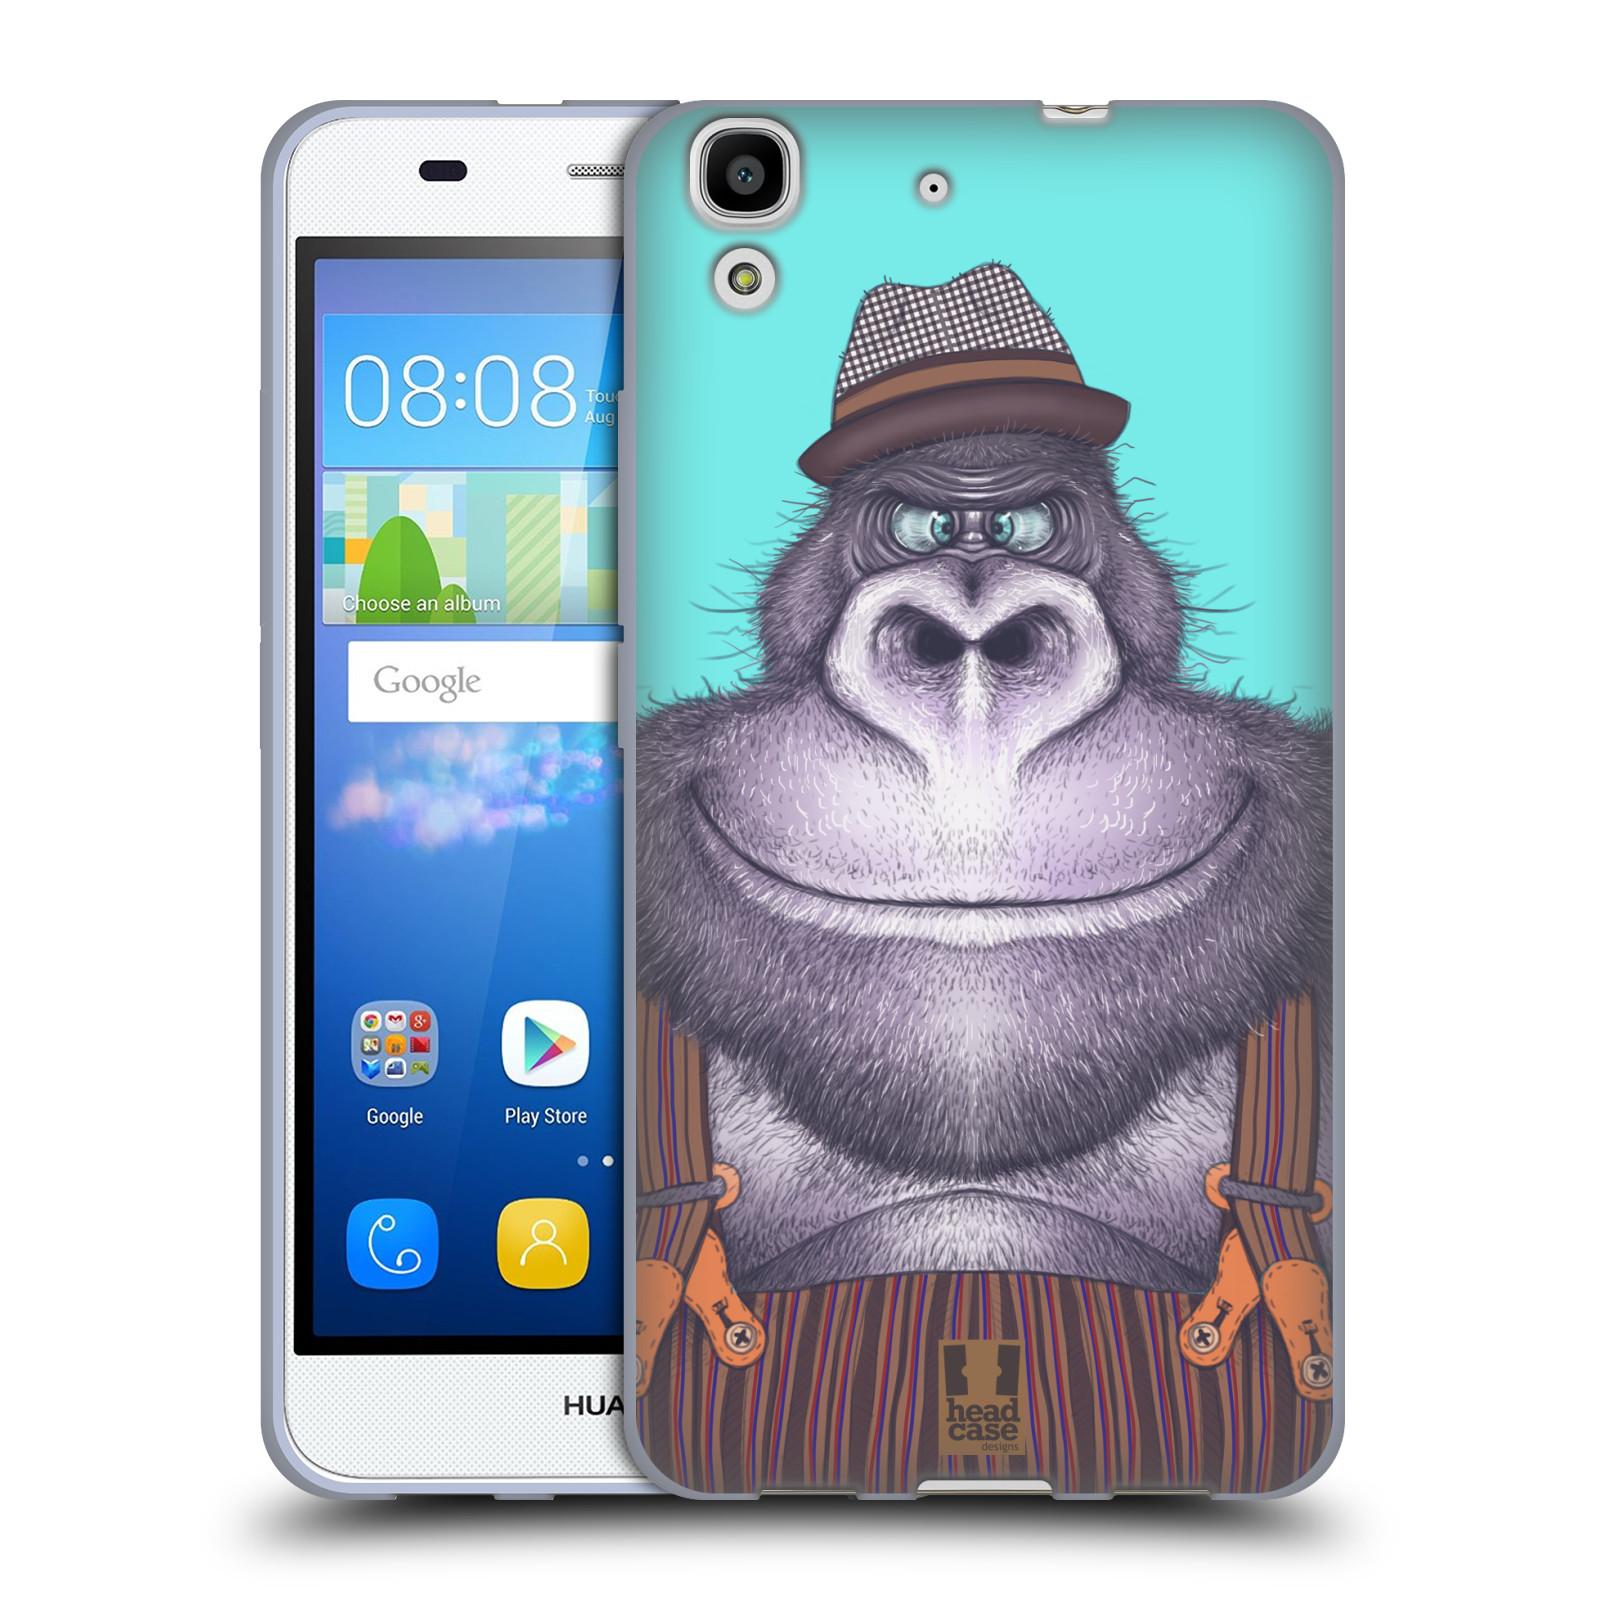 HEAD CASE silikonový obal na mobil HUAWEI Y6 vzor Kreslená zvířátka gorila